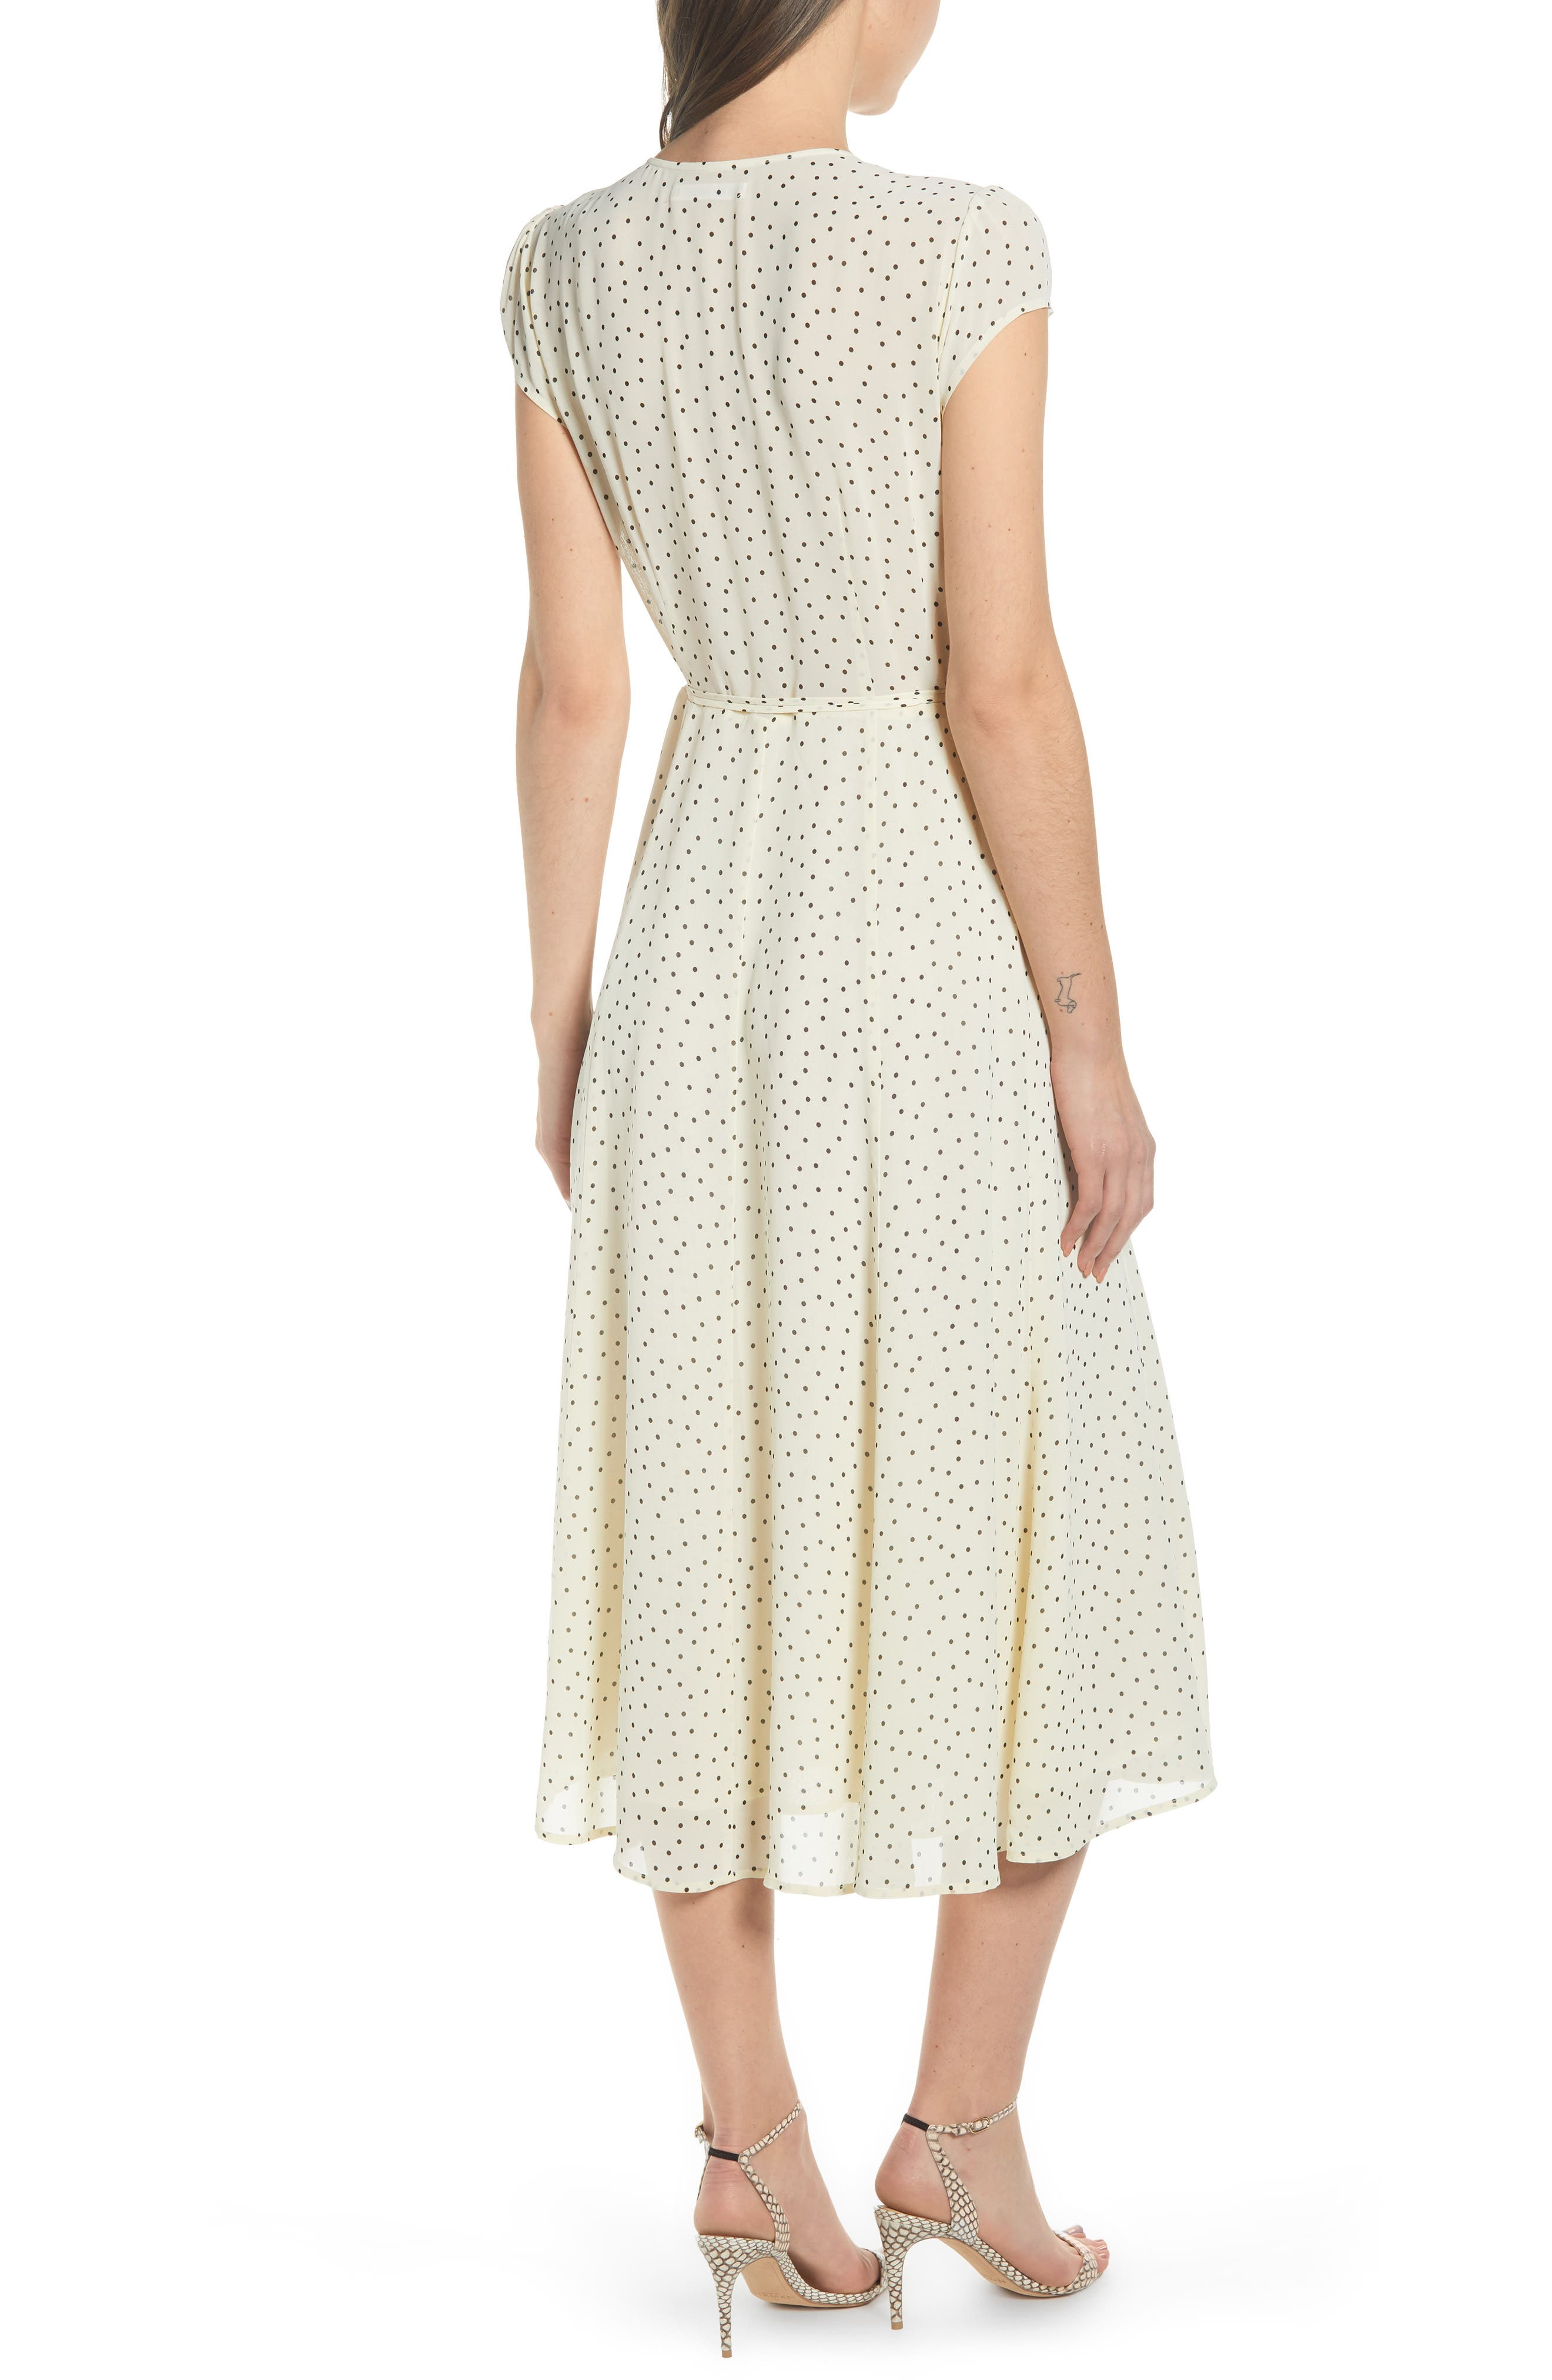 65399d15f0c Women s REFORMATION Dresses